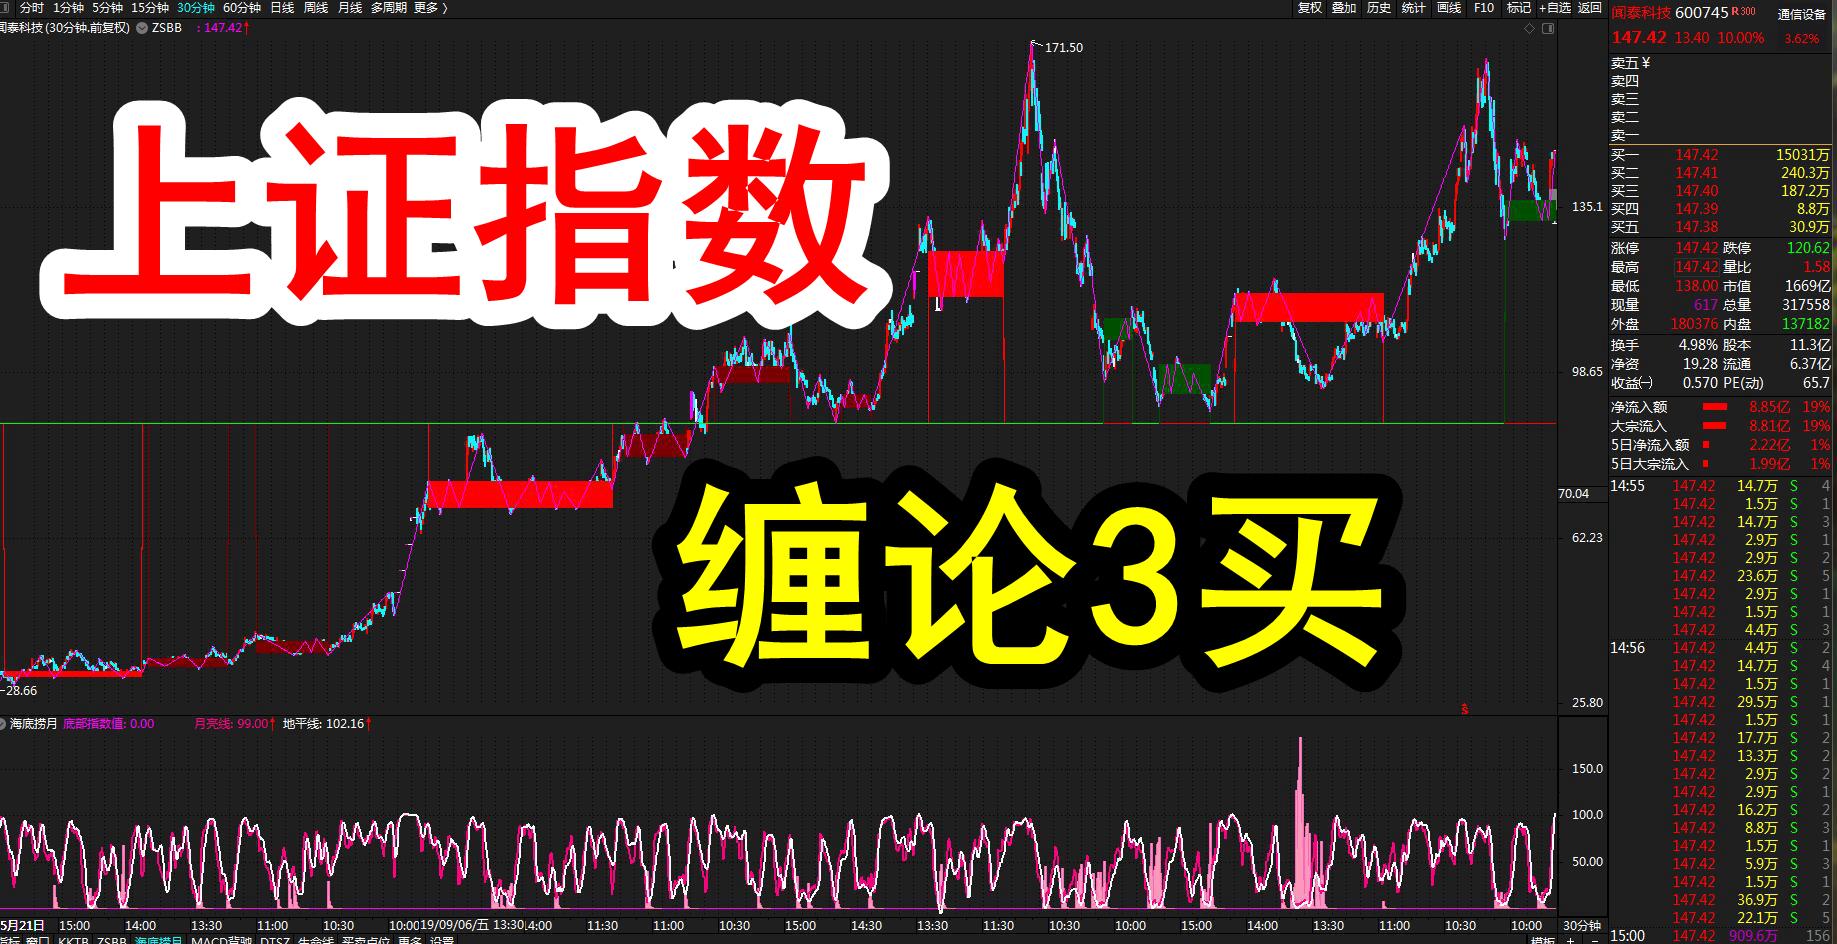 A股牛市反转上涨超预期,上证指数缠论3买!(7月29日)